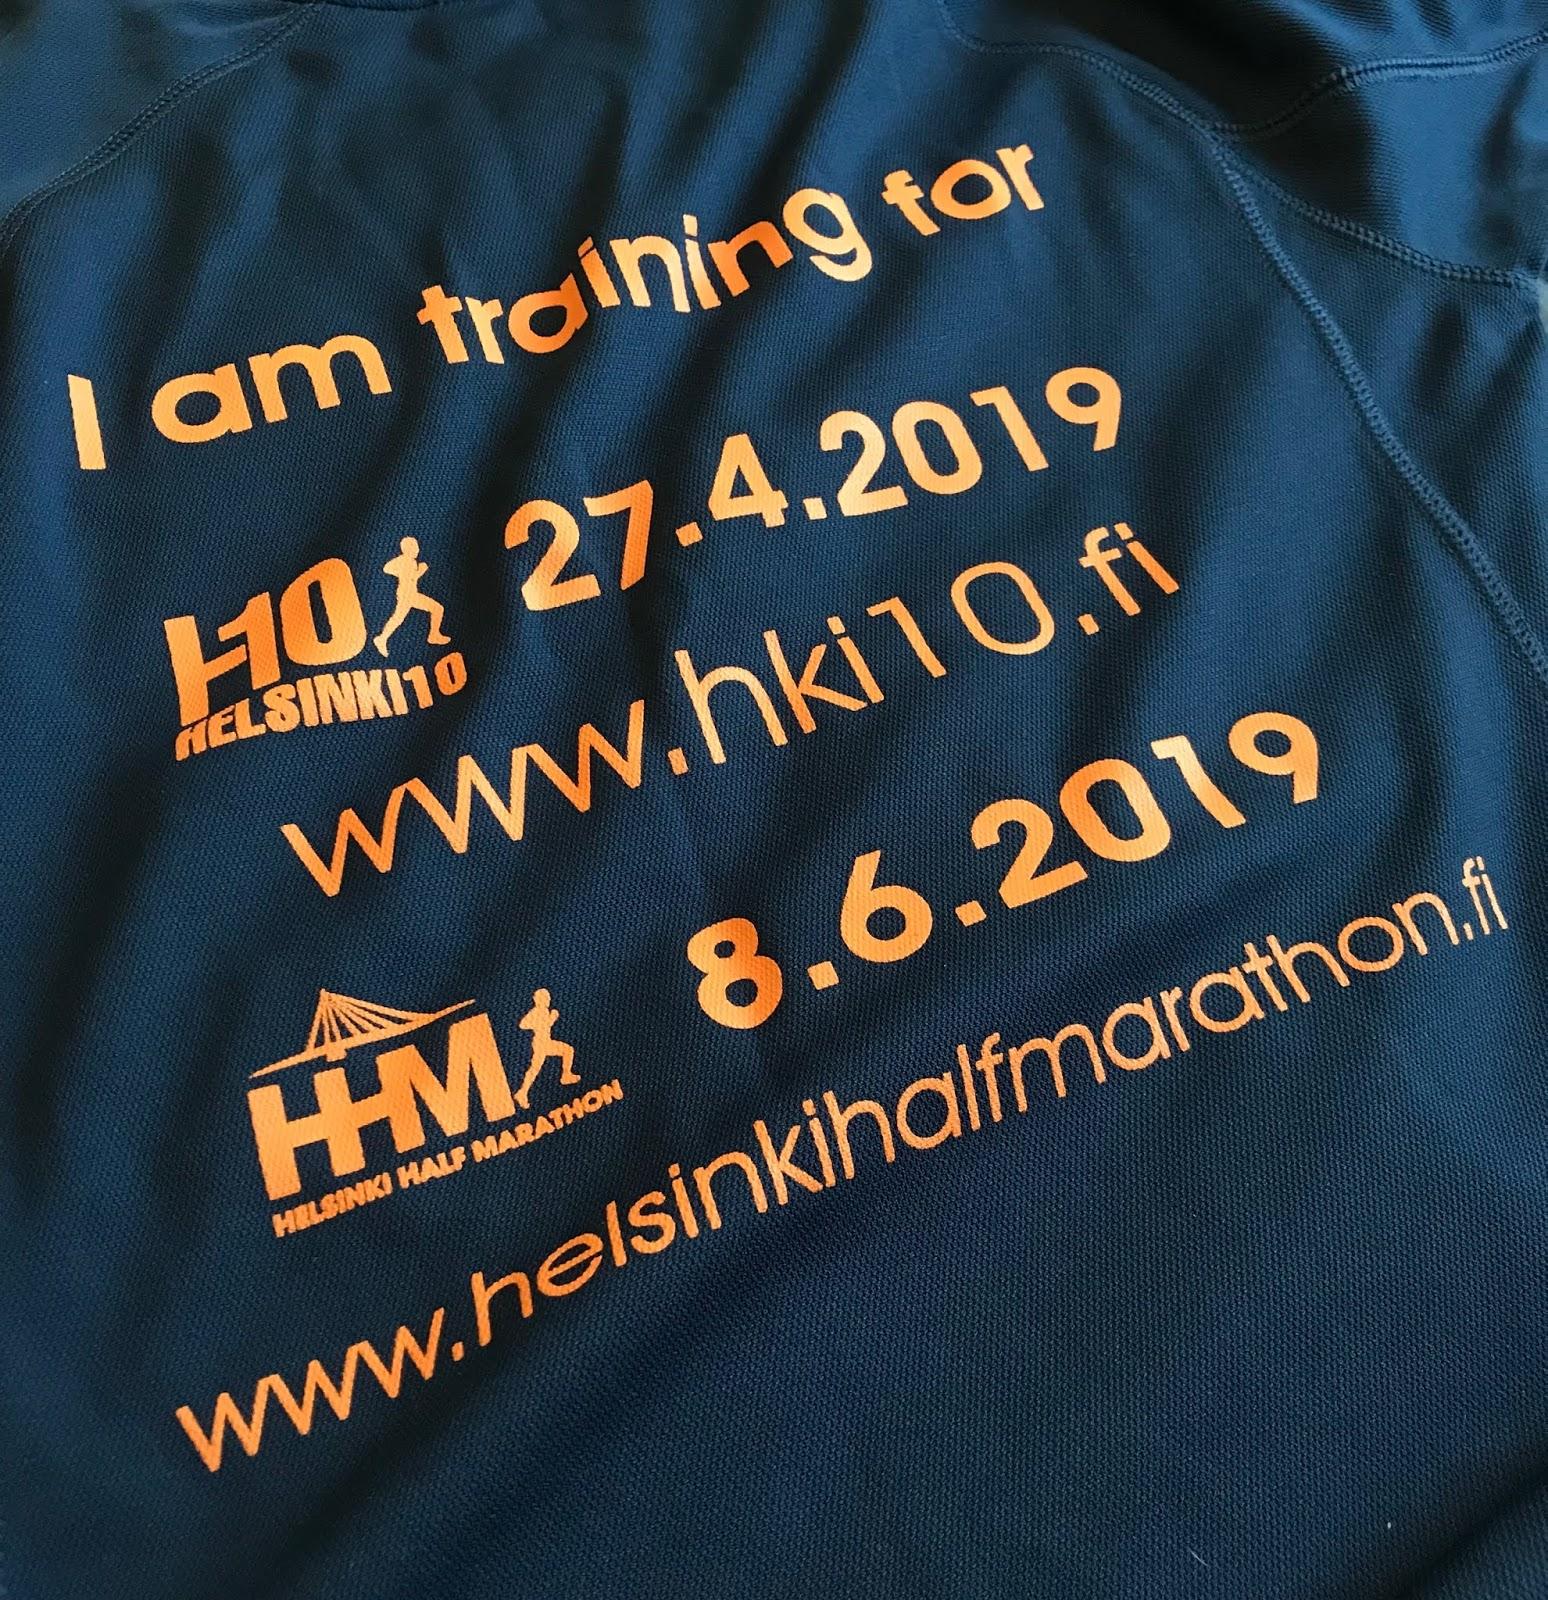 Helsinki Half Marathon Helsinki10 juoksupaita